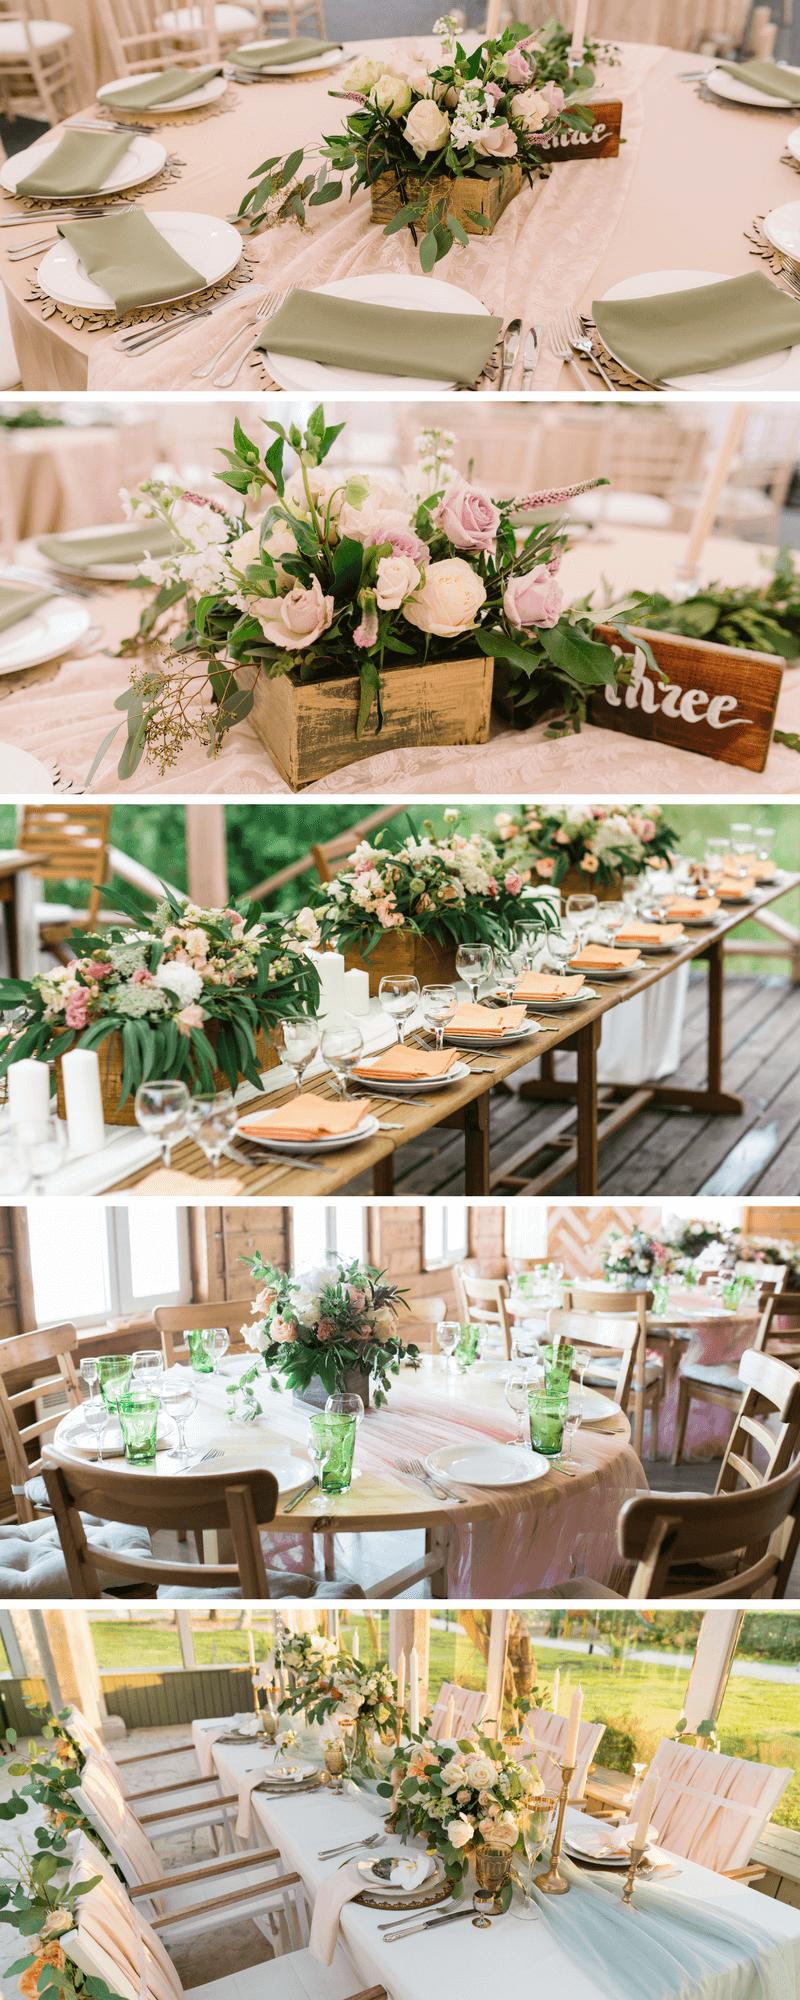 55 bezaubernde Tischdeko-Inspirationen für die Hochzeit - Hochzeitskiste